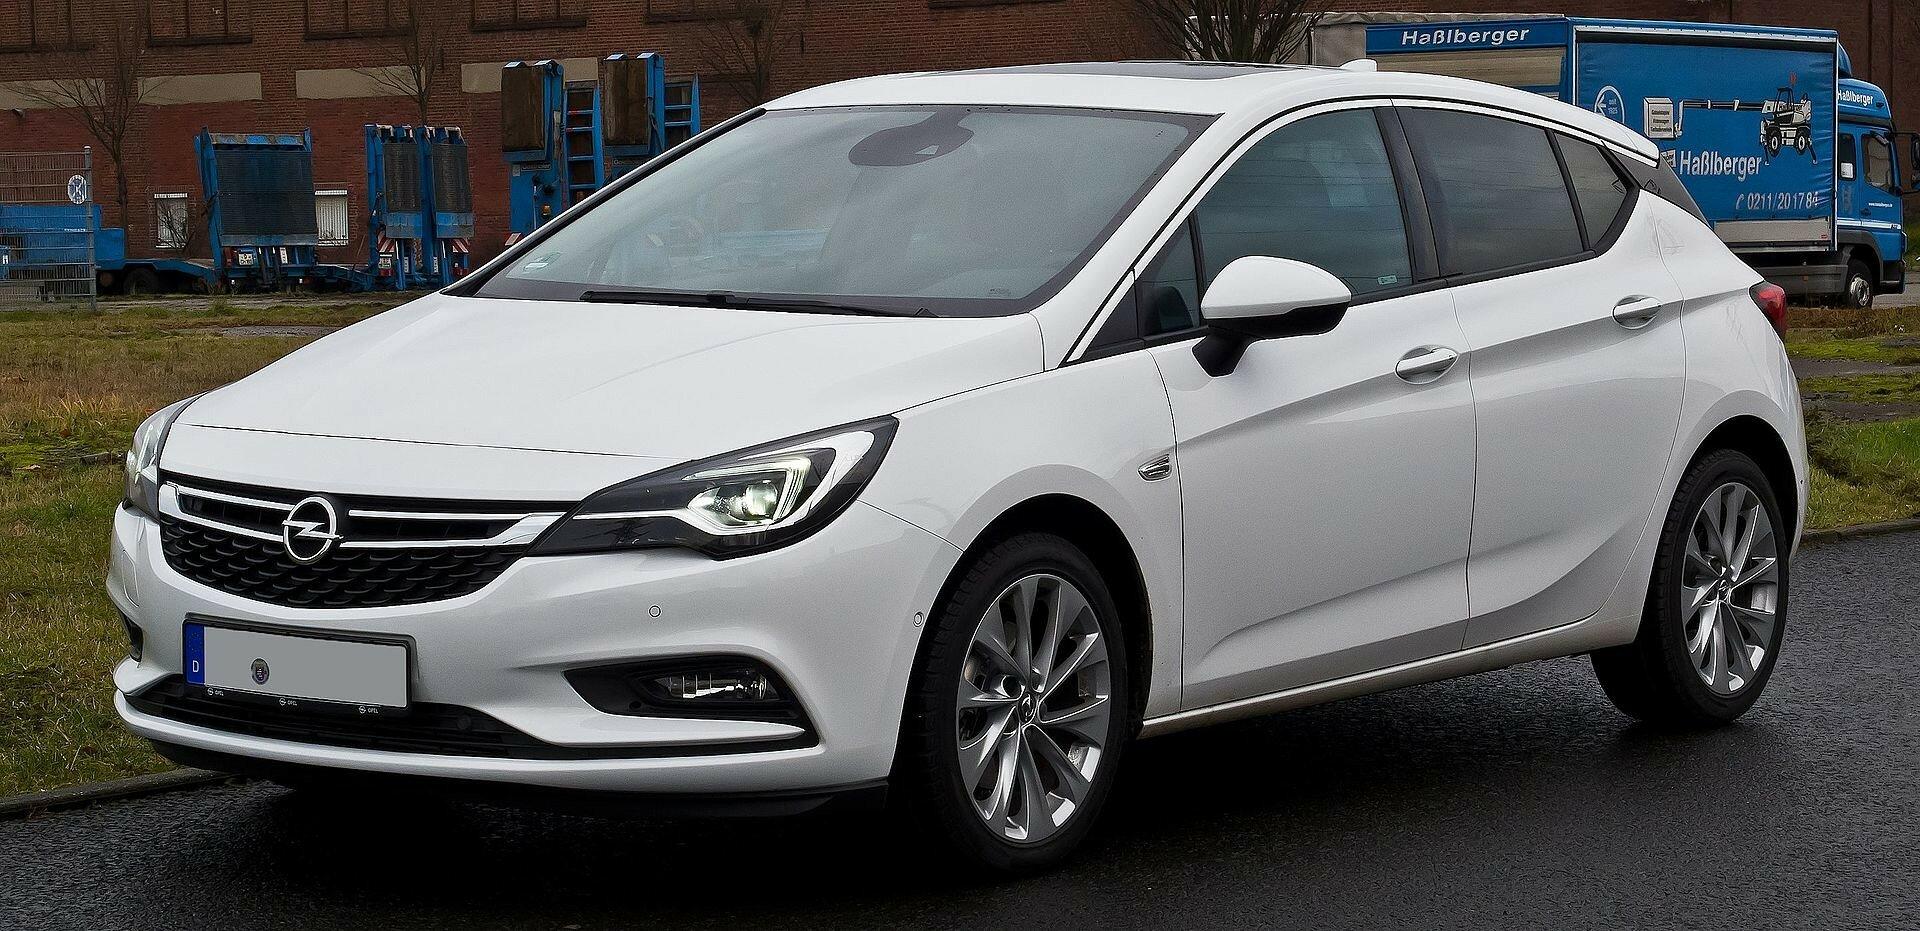 Прототип Opel Astra заметили на тестах с меньшими колесами